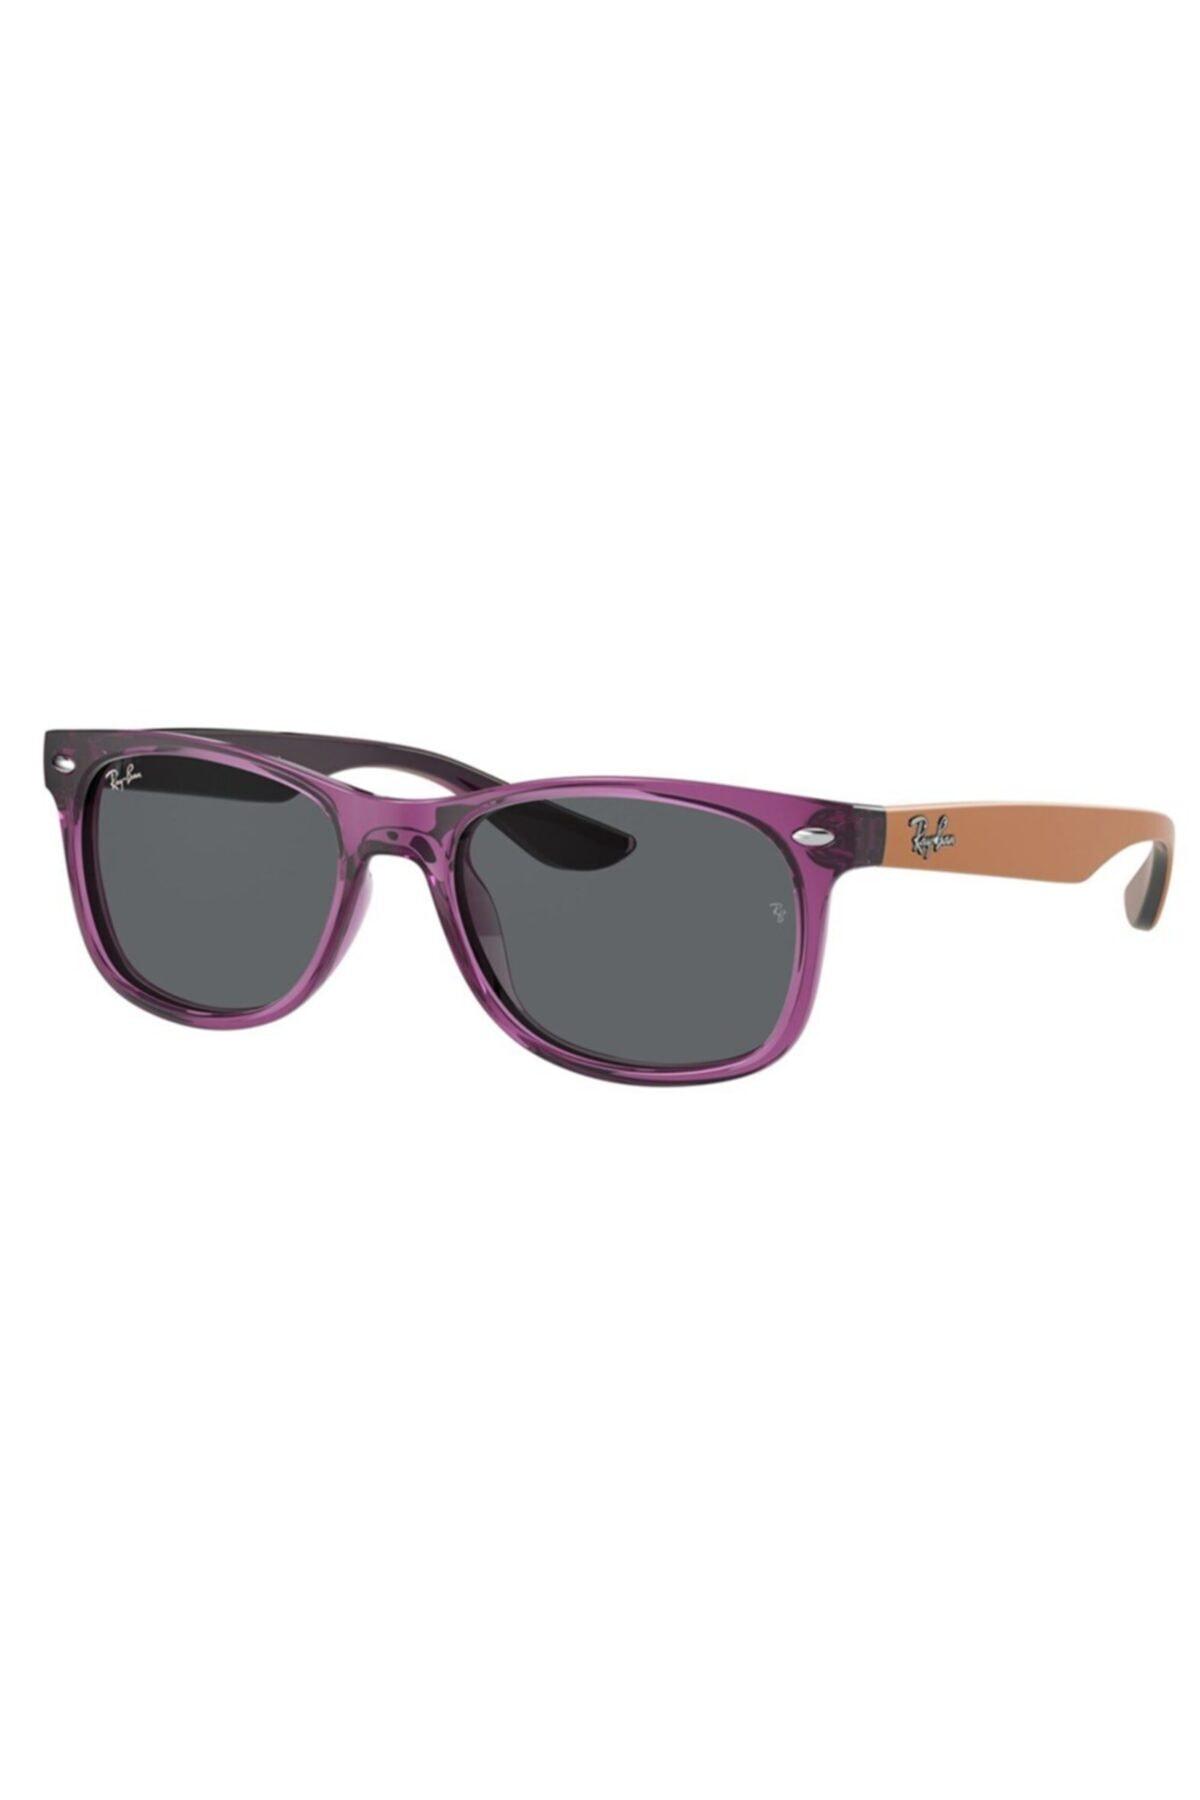 خرید انلاین عینک آفتابی دخترانه طرح دار برند ری بن رنگ بنفش کد ty92559185